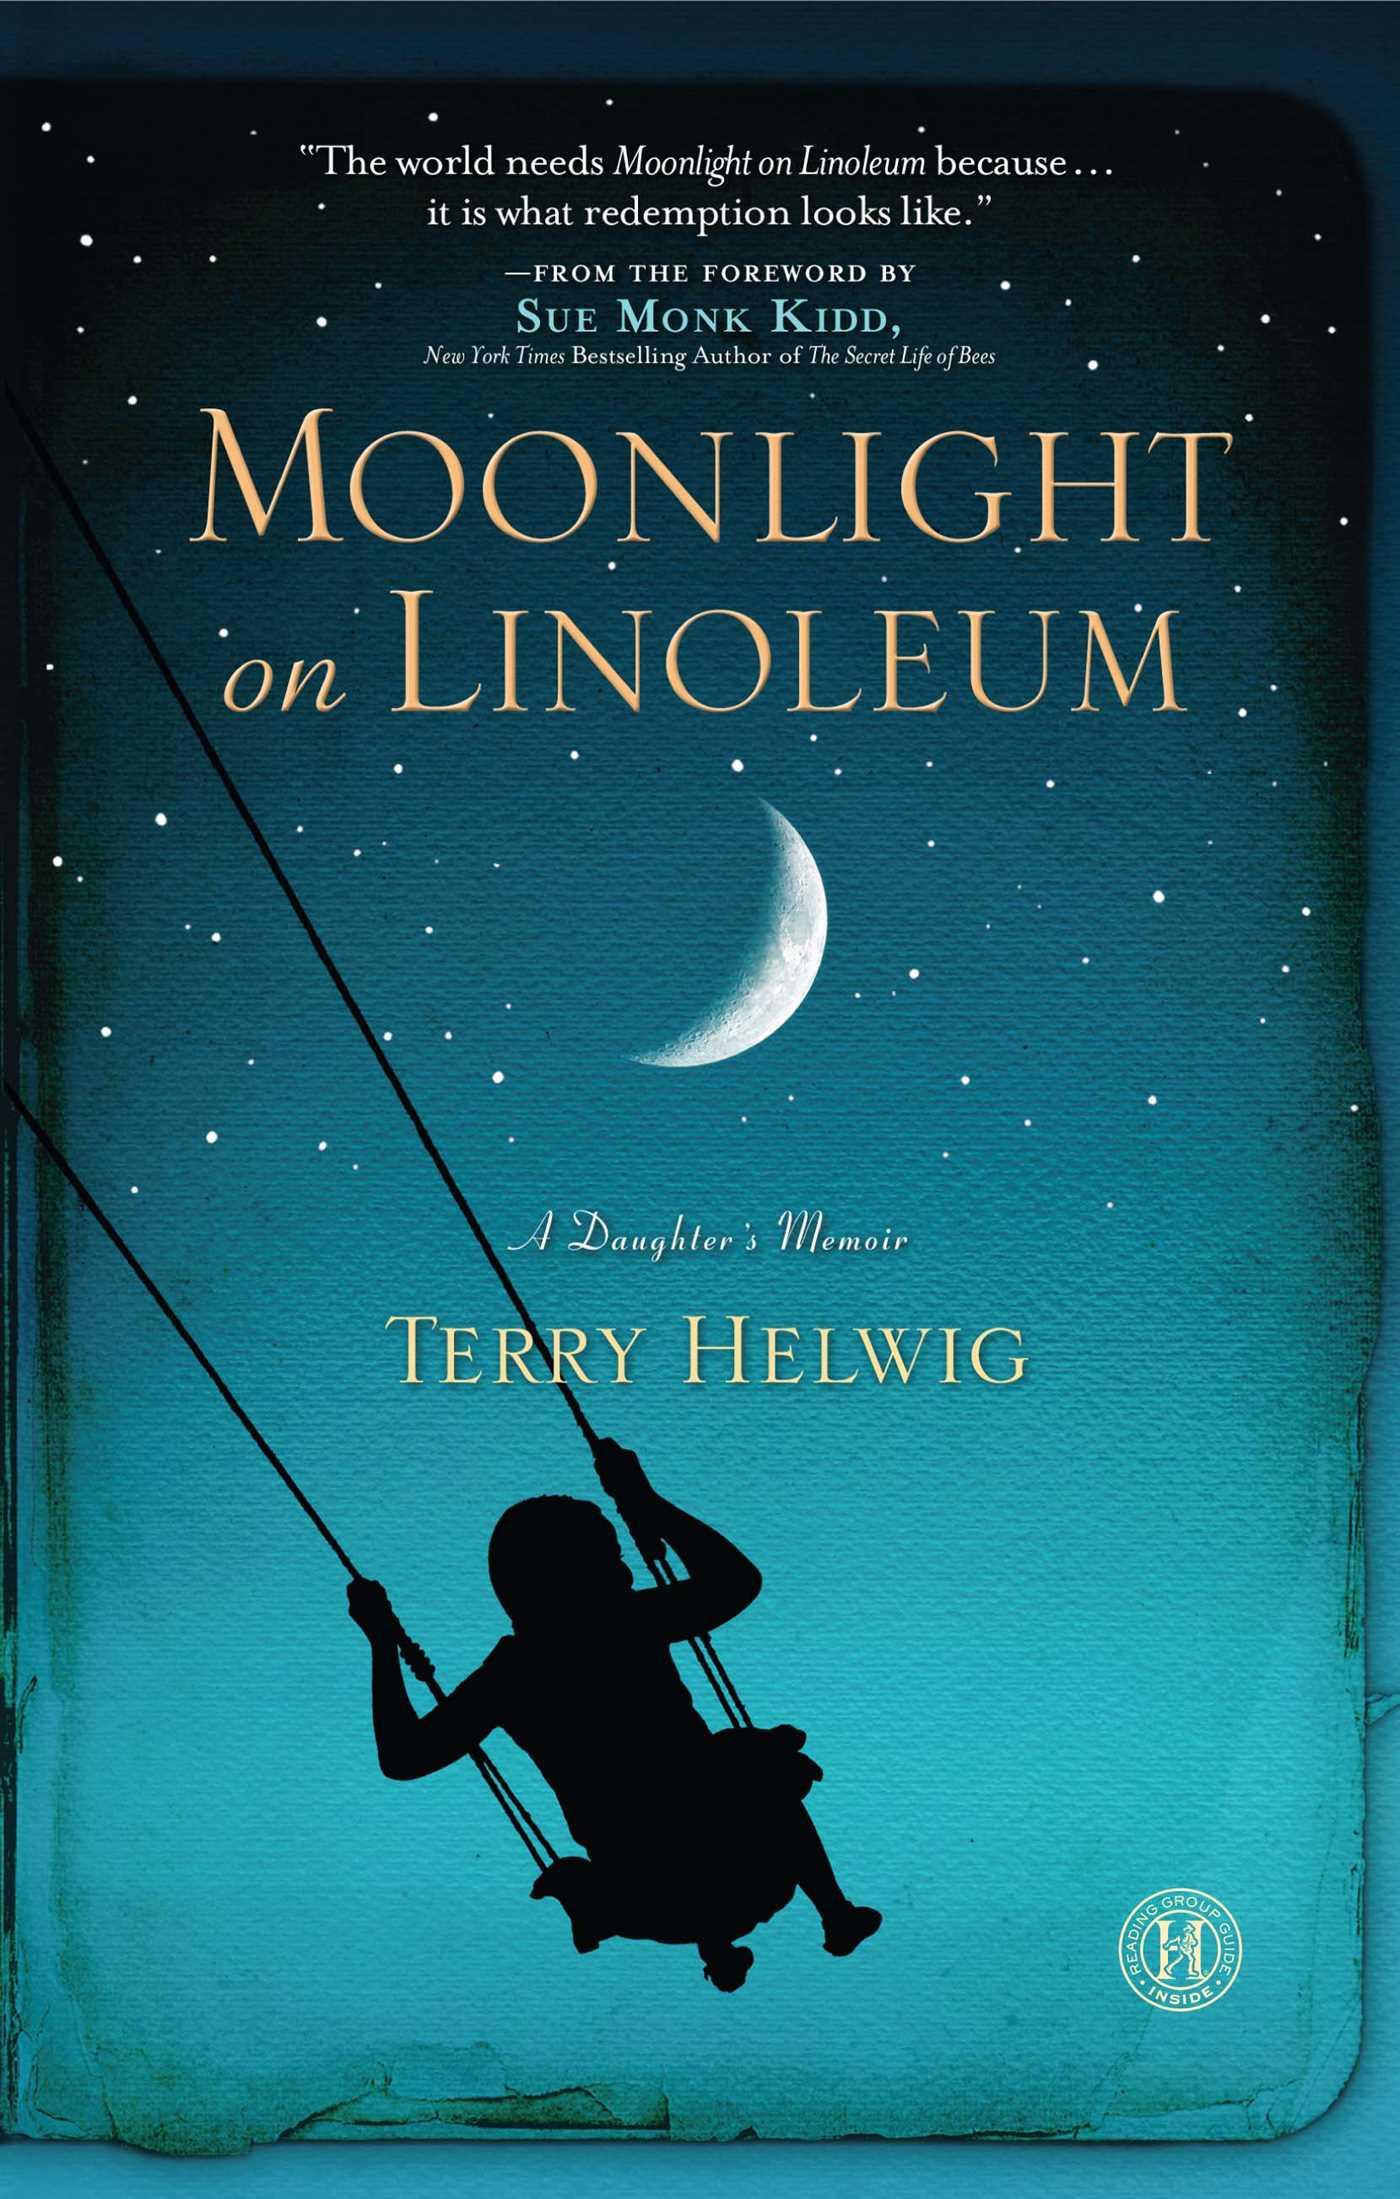 Moonlight on linoleum 9781451628661 hr